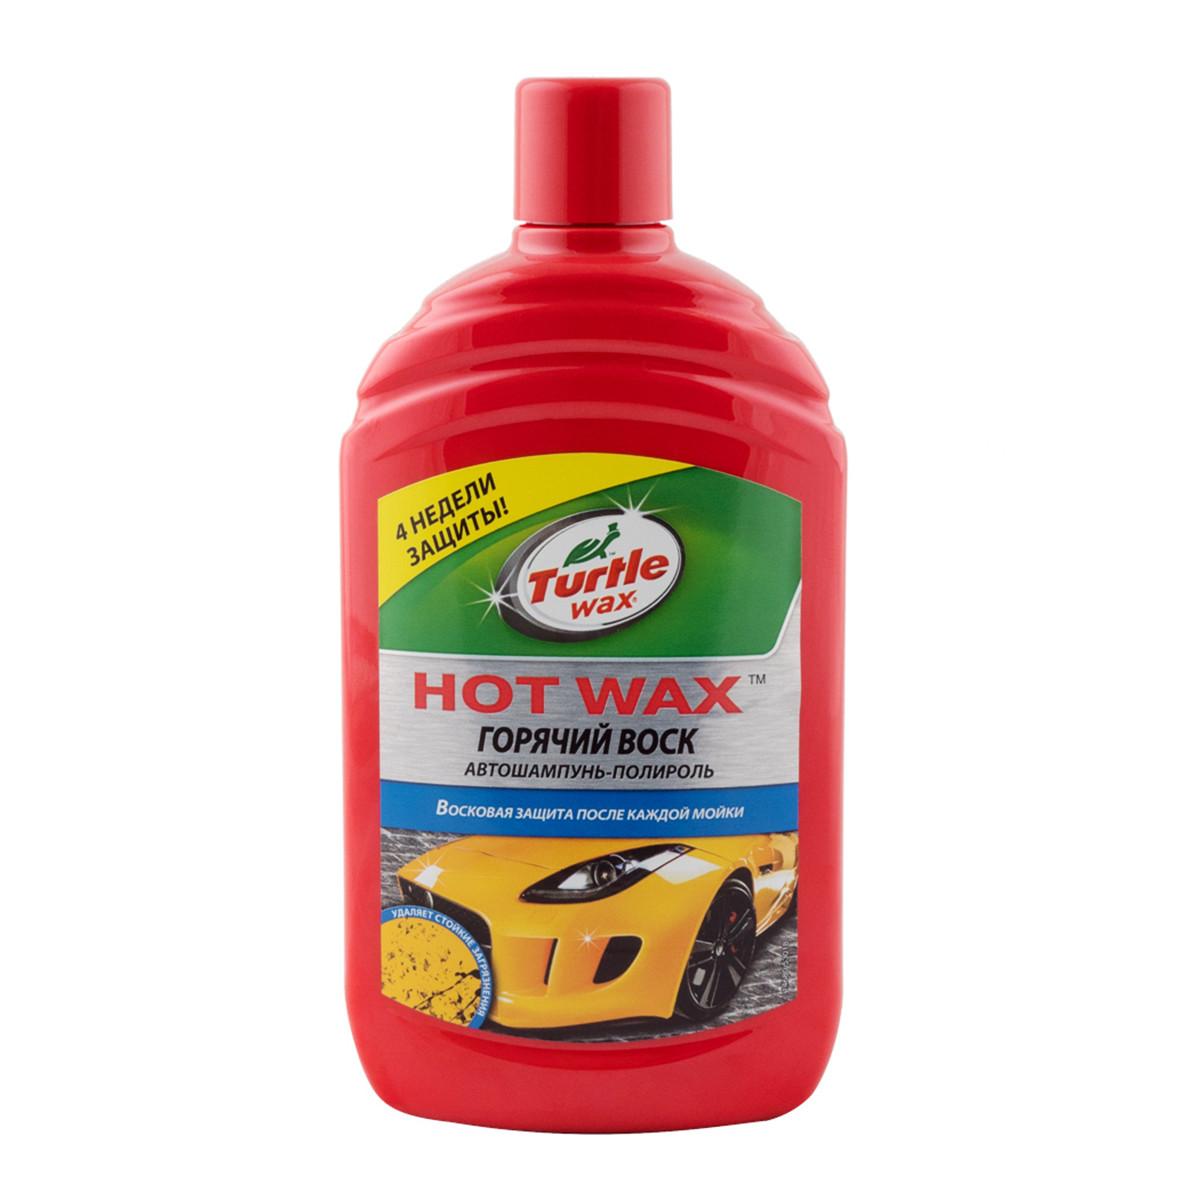 Автошампунь - поліроль Гарячий віск Turtle Wax Hot Wax 500 мл (53018)